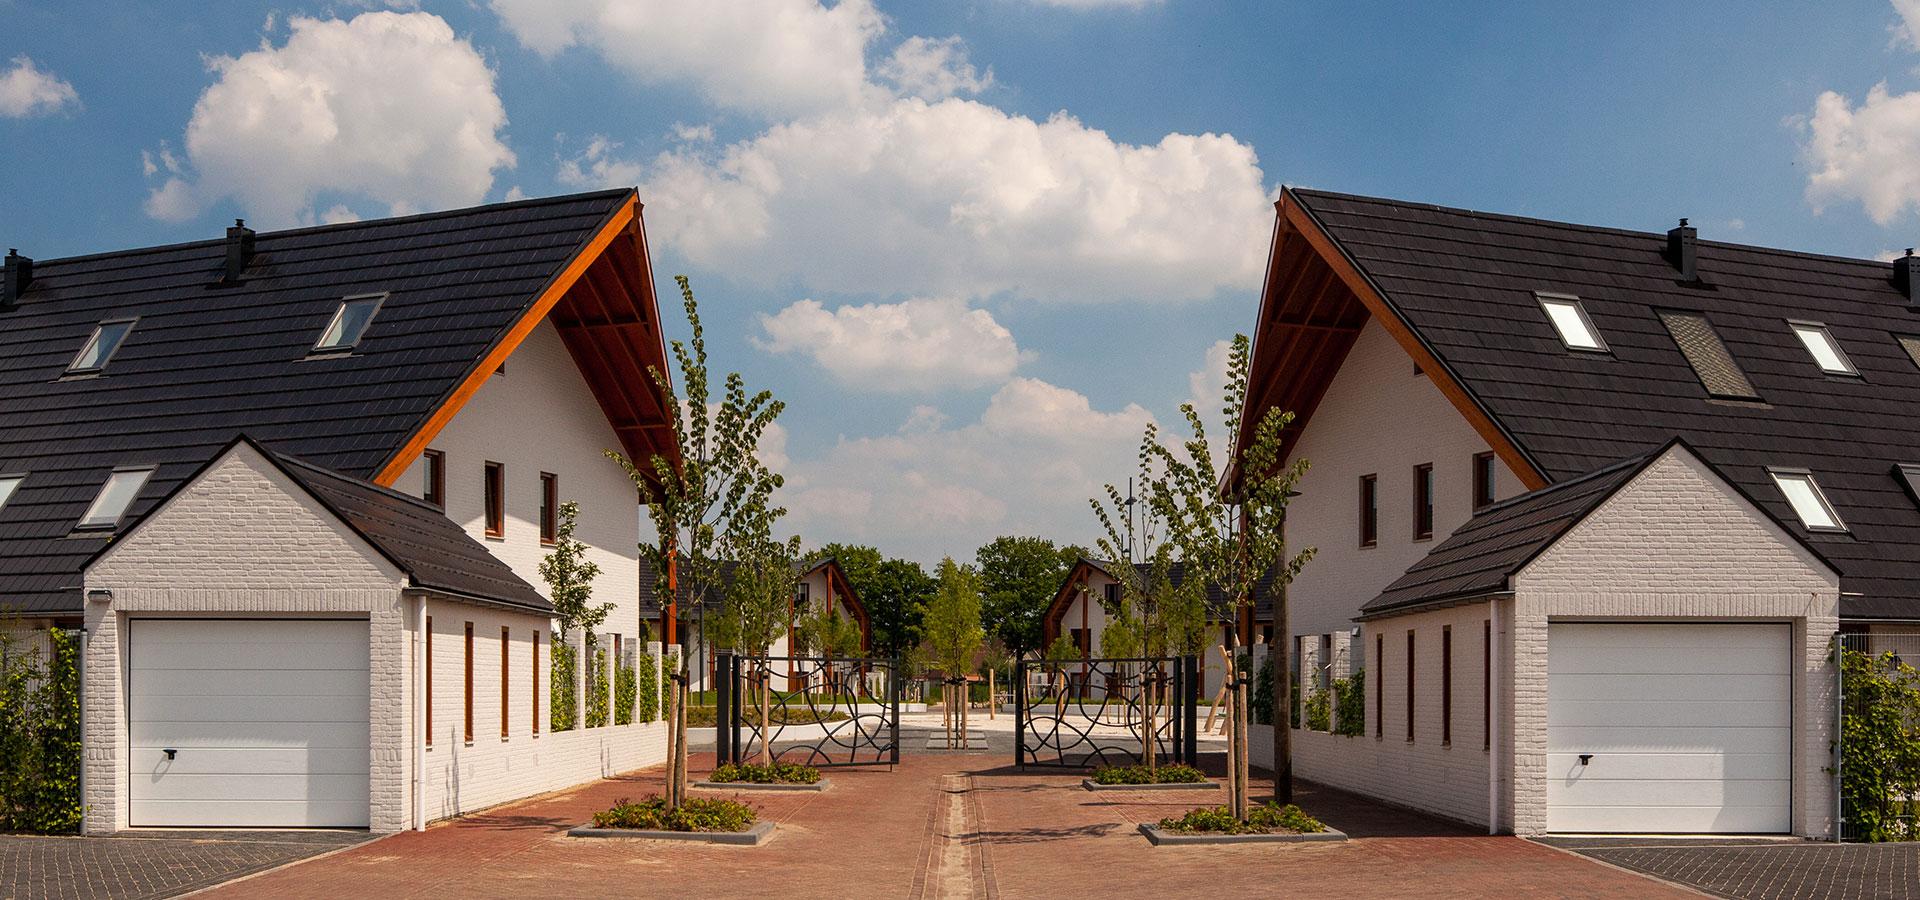 FARO architecten Rijtse Vennen Deurne 03